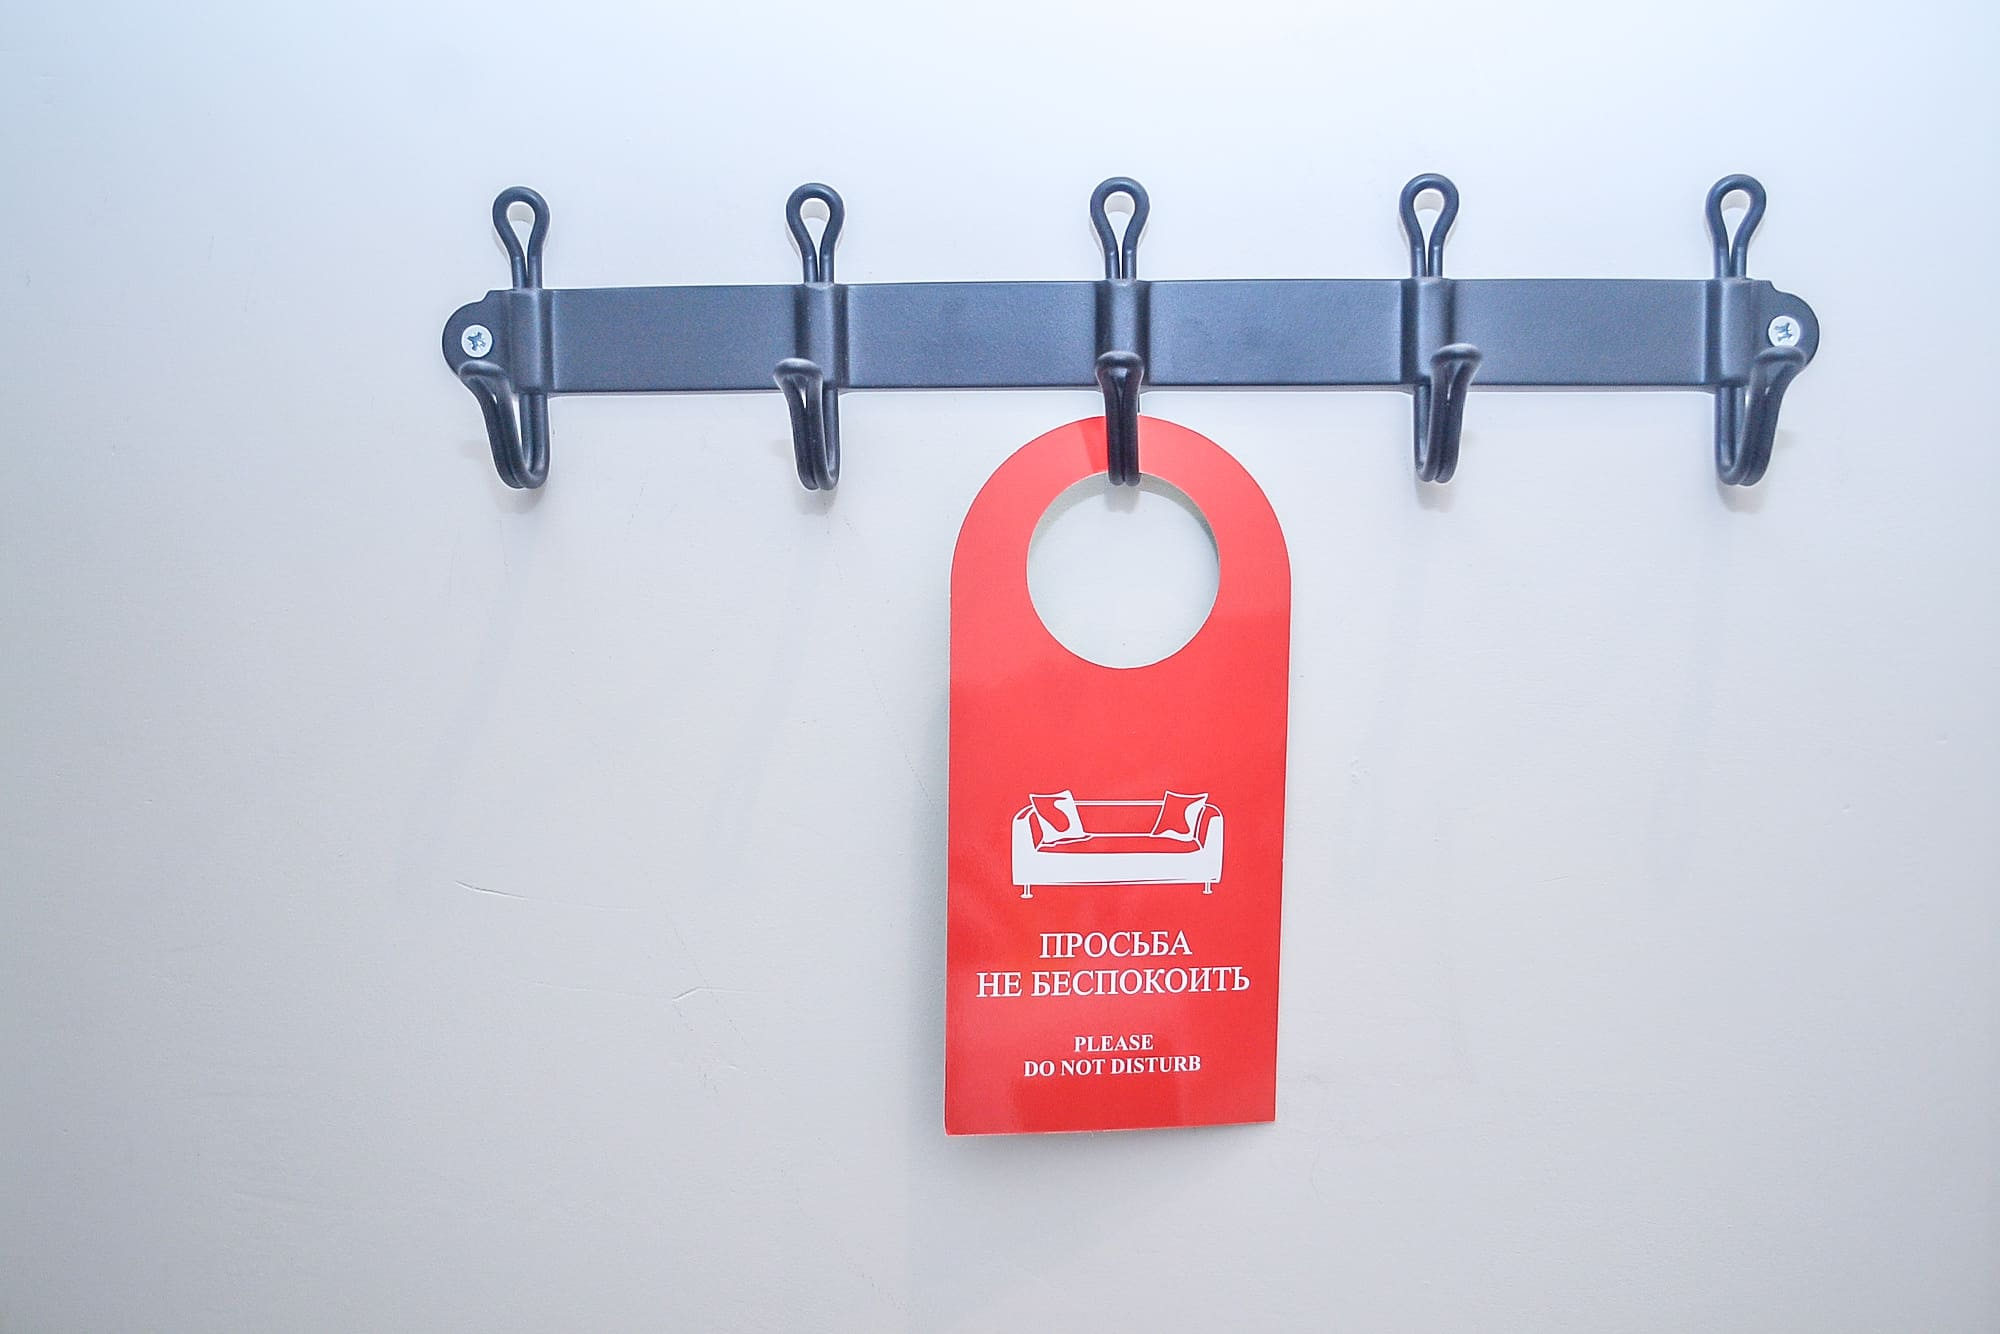 Бытовая техника и предметы интерьера расположенные в каждом номере апарт-отеля VNorke.ru